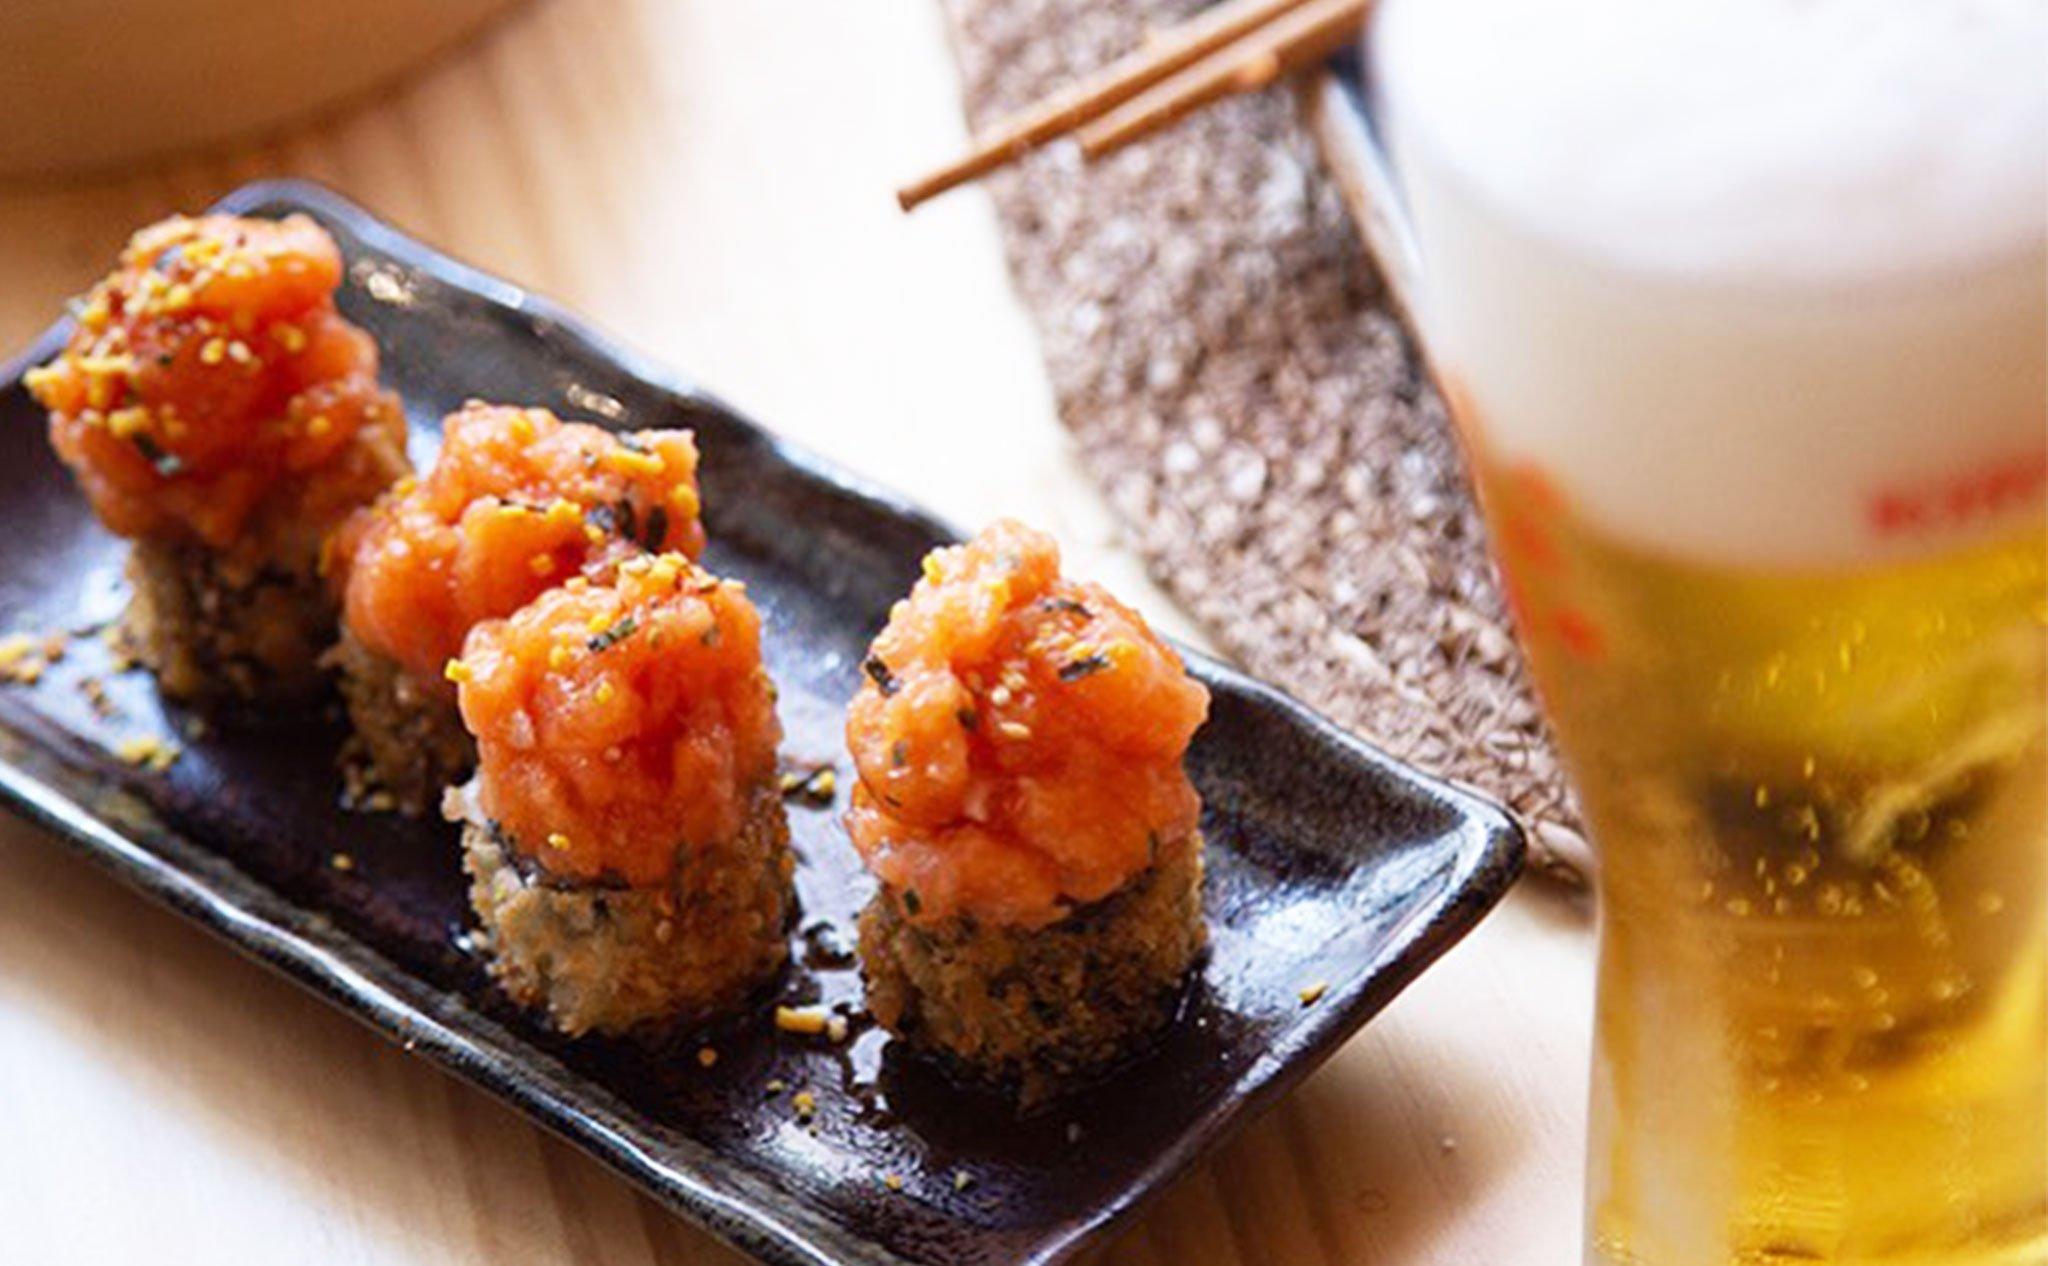 Reparto de sushi a domicilio para Xàbia y numerosas localidades de la comarca – Taberna Sushiber